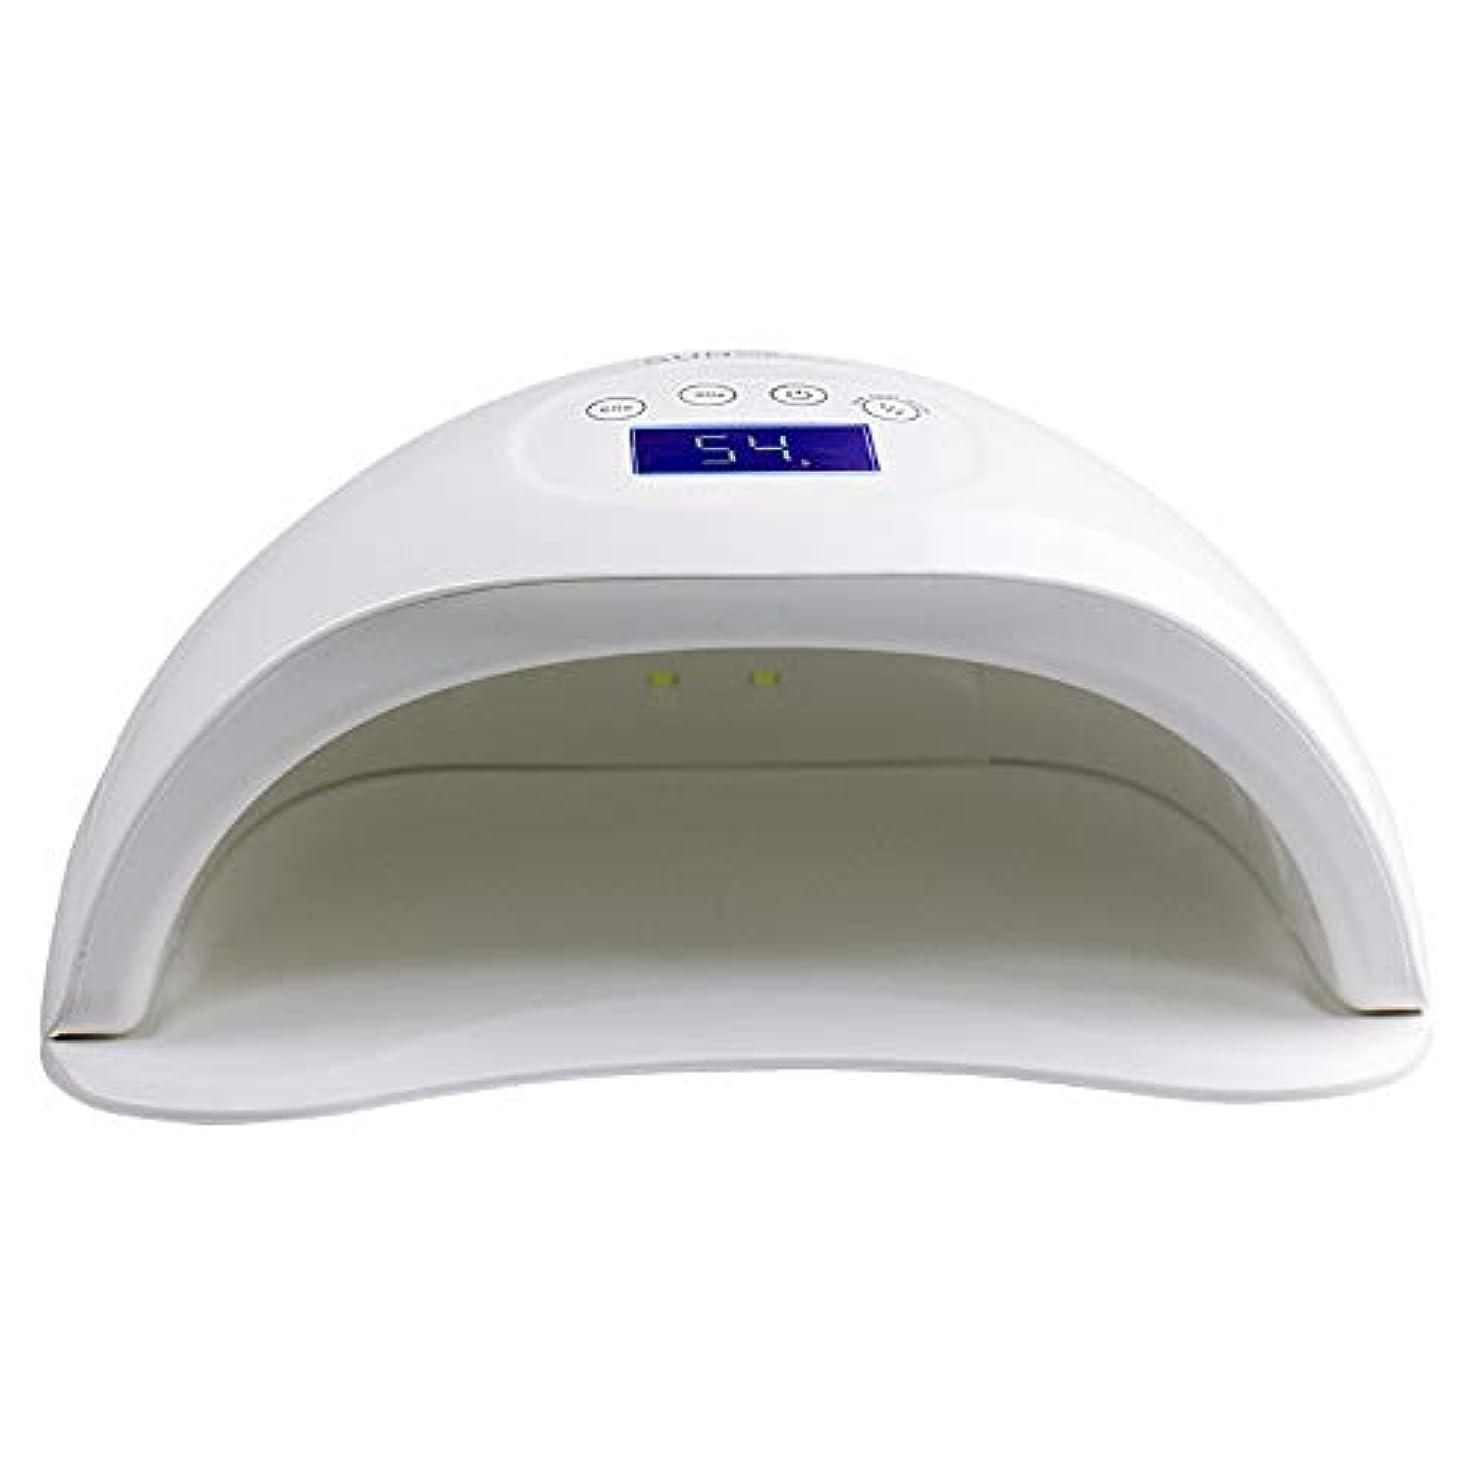 杖重量延ばすネイル光線療法機、デジタルインテリジェント自動ネイル高速乾燥機、デュアル光源ノンスリップ多機能ネイルポリッシャー、家族/美容/ホテルに適しています